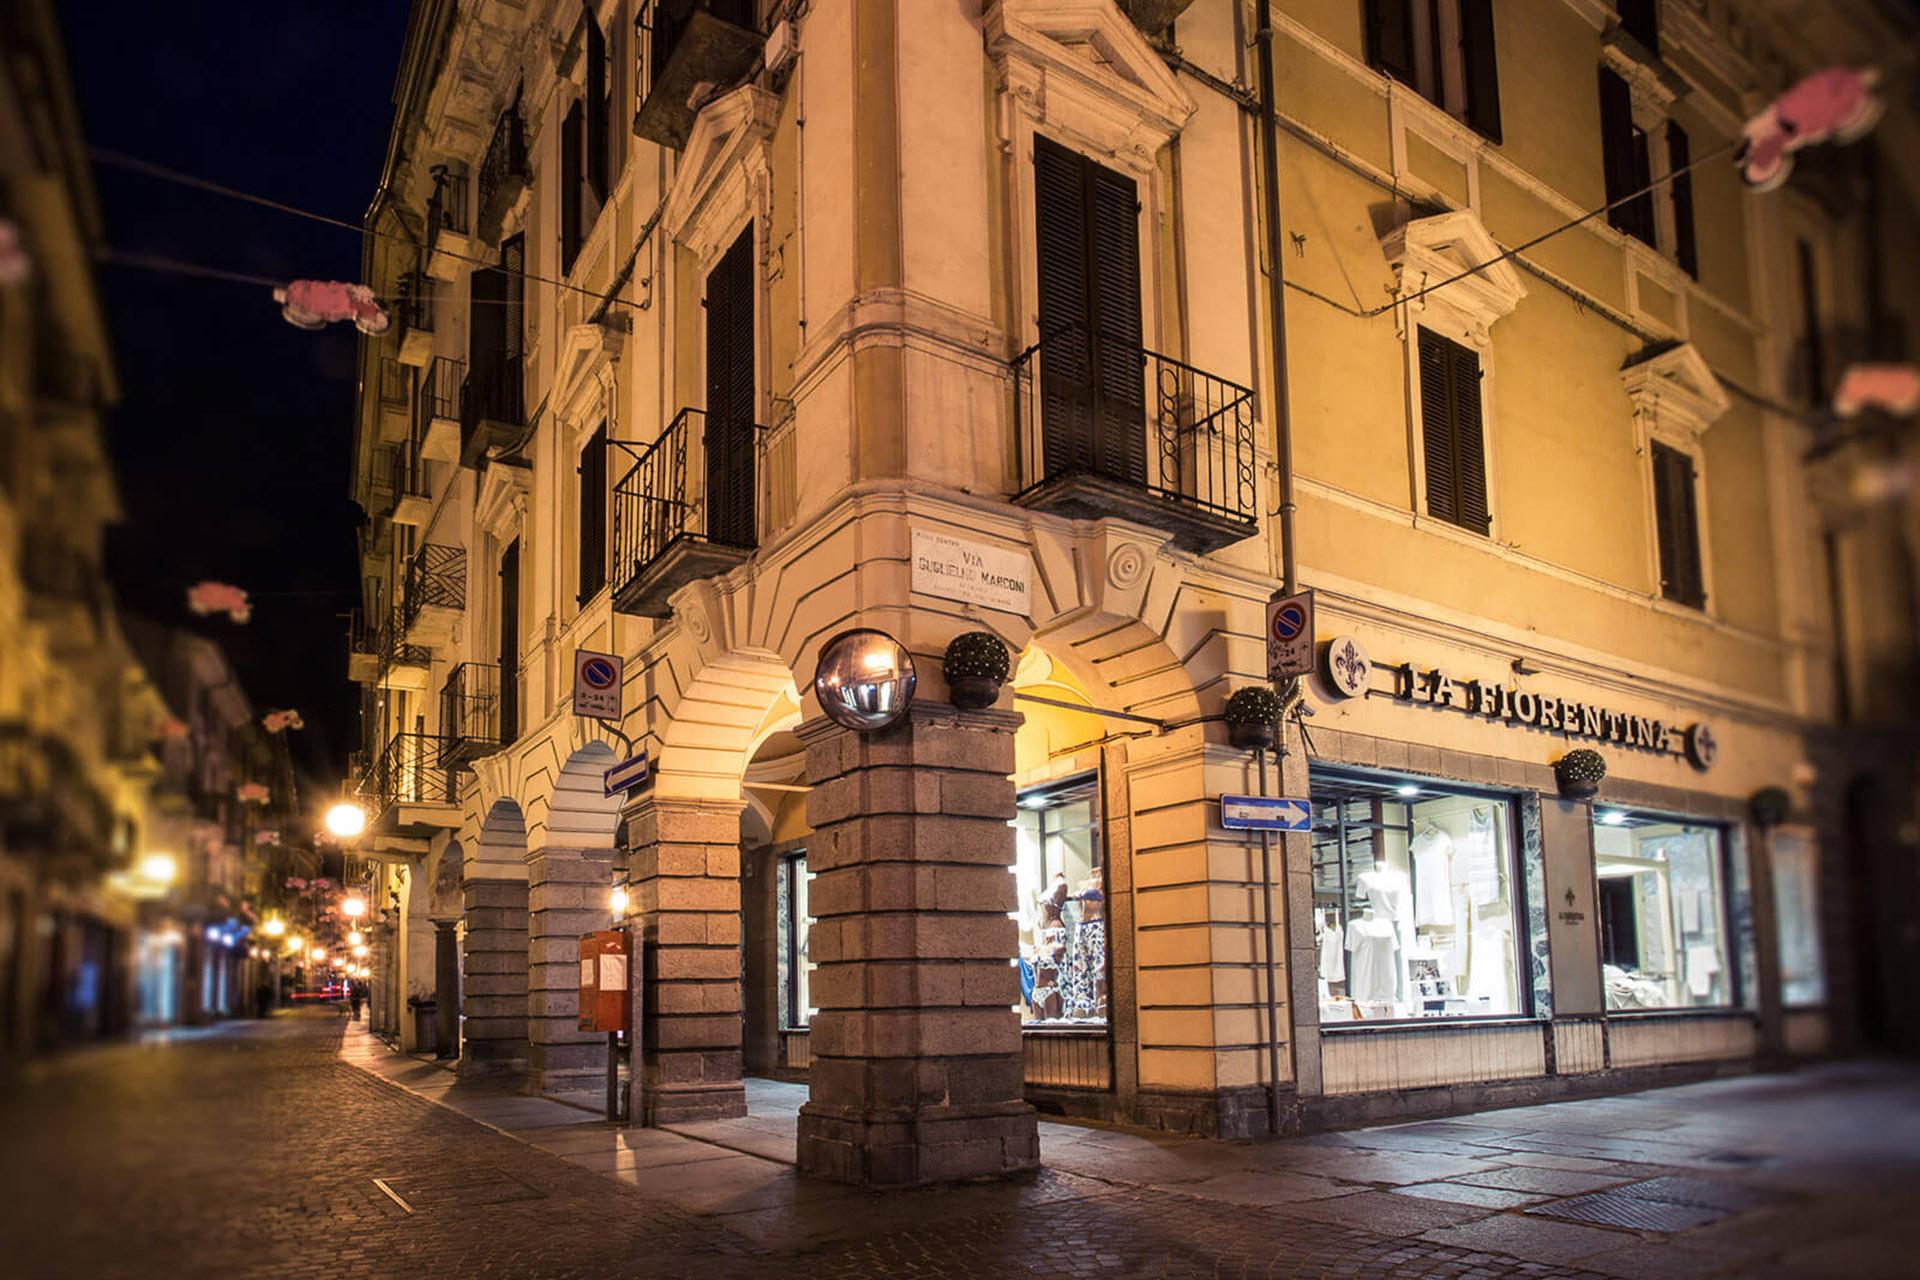 la-fiorentina-negozio-esterno.